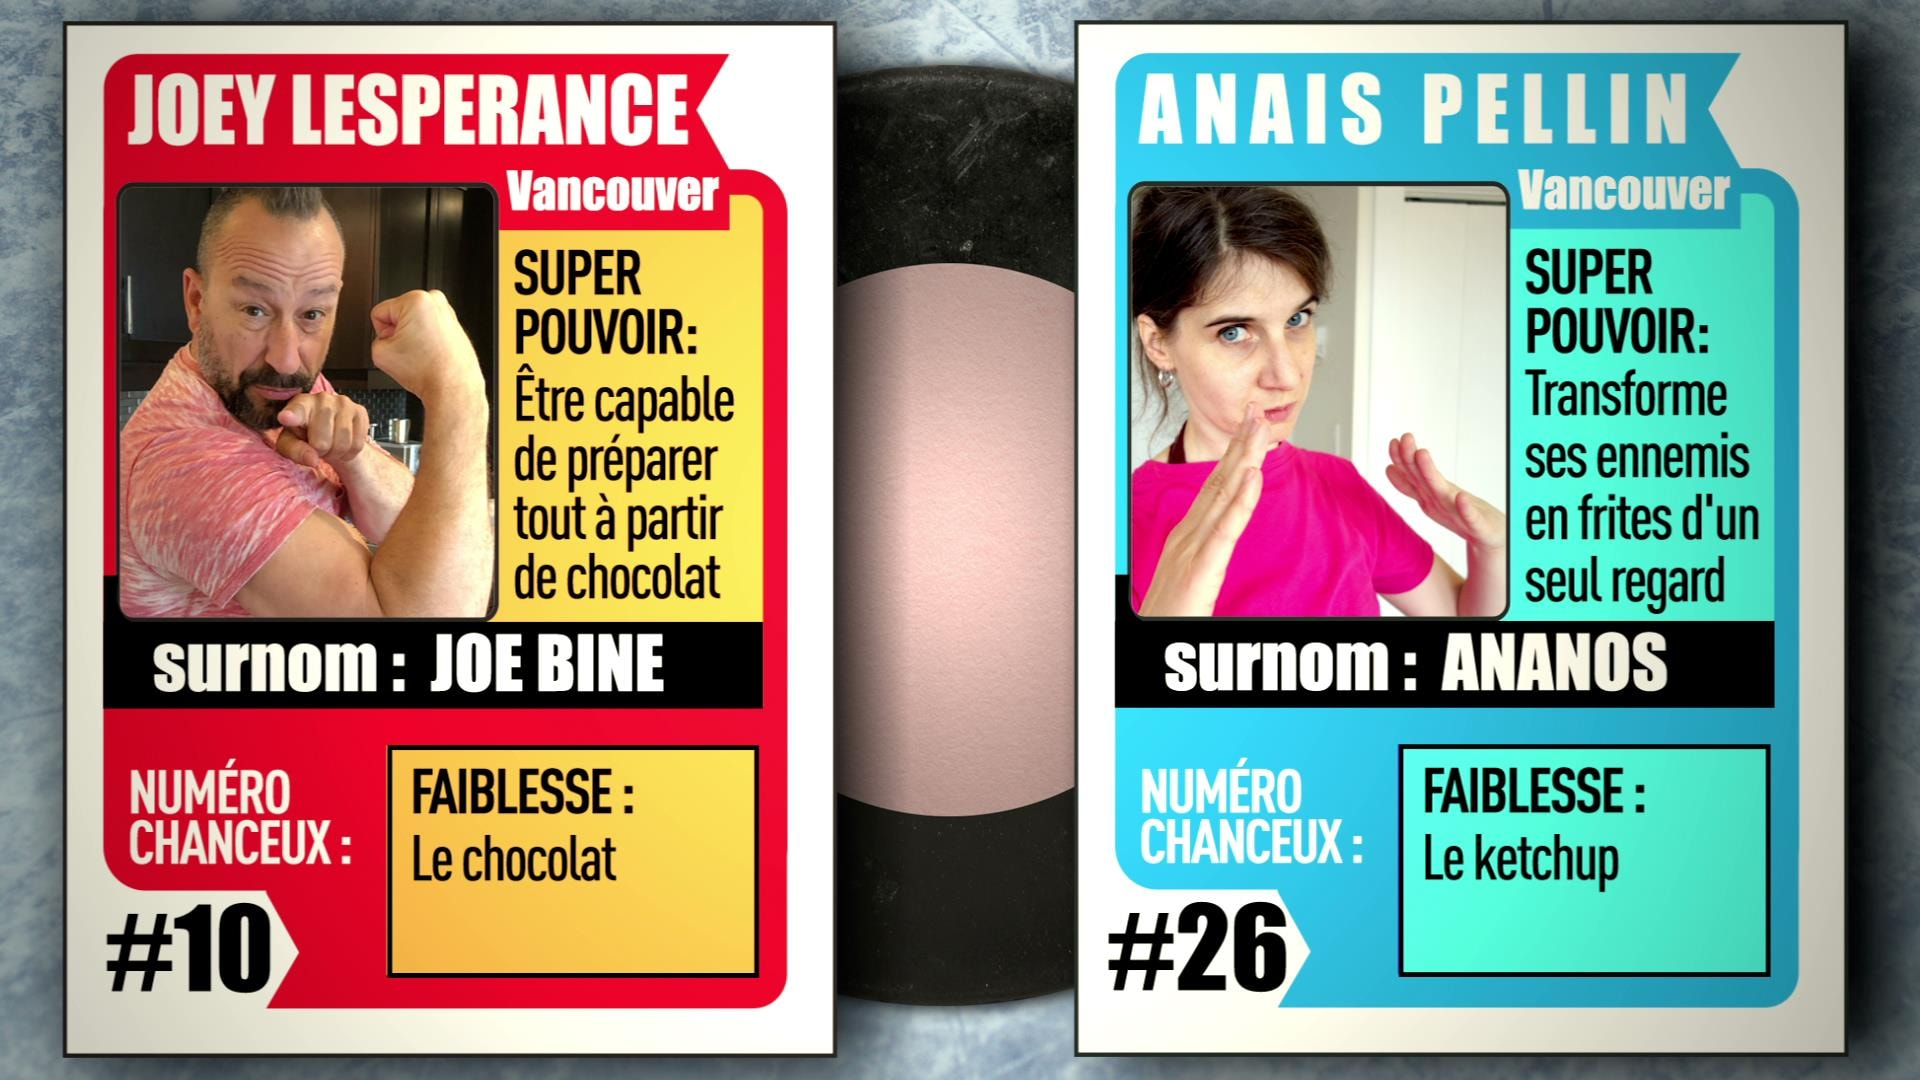 Deux cartes de hockey avec les images des participants de l'équipe des roses Anaïs Pellin et Joey Lespérance. Pour le match d'impro virtuel IMPROVISIO.